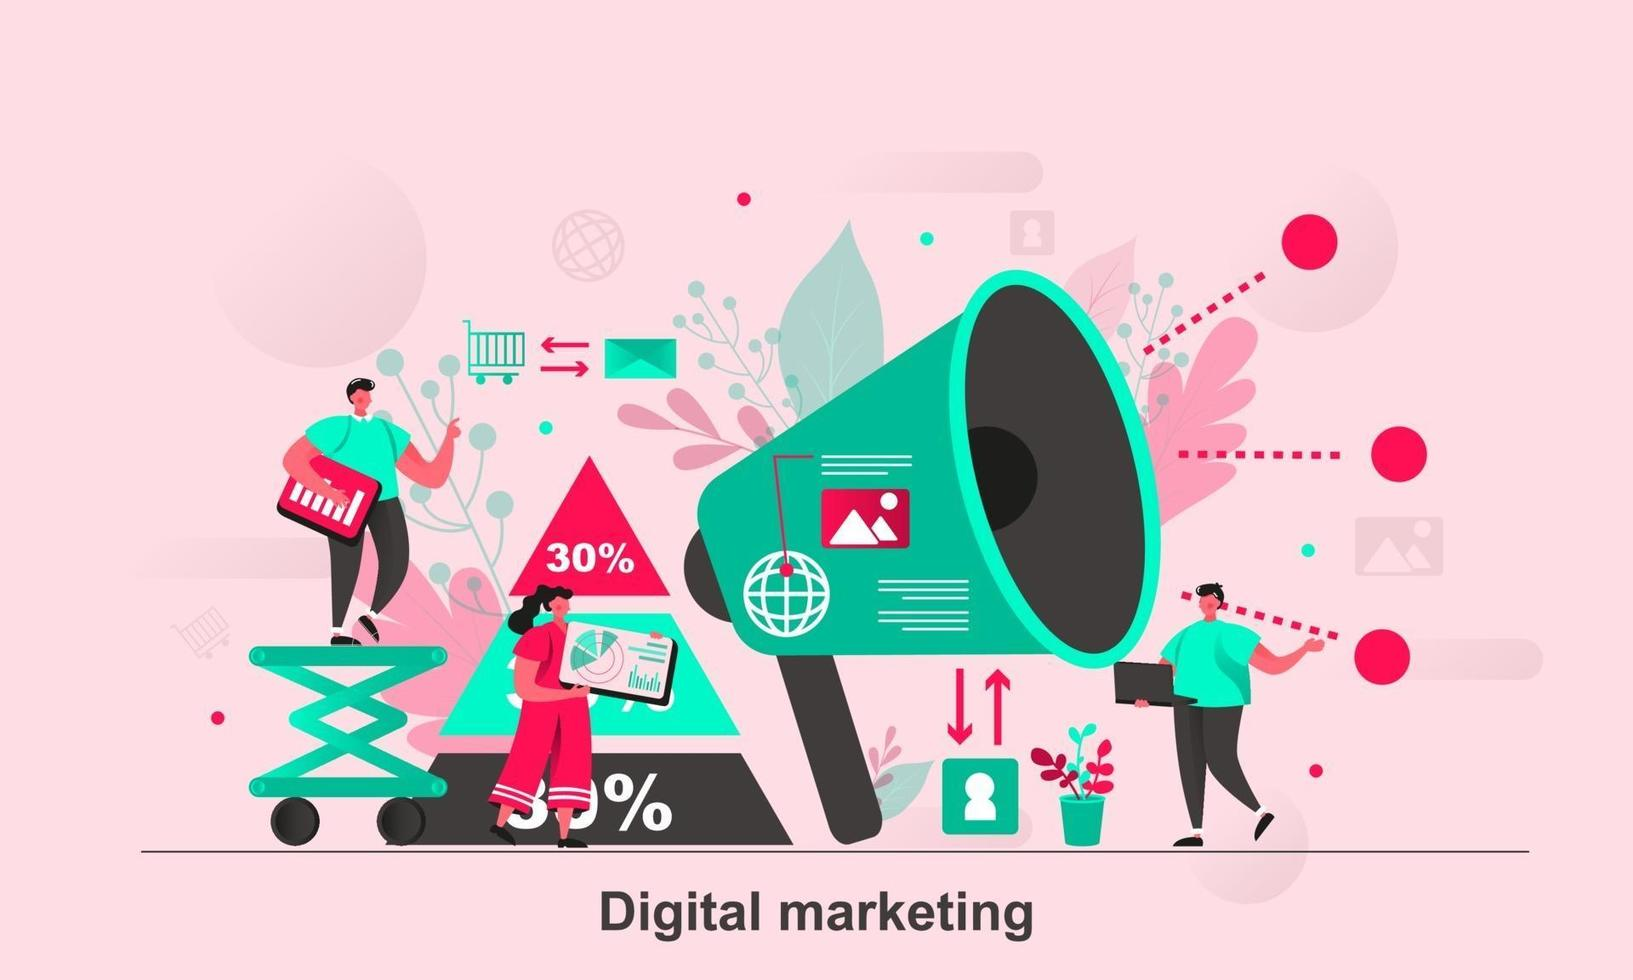 marketing digitale web concept design in illustrazione vettoriale stile piatto